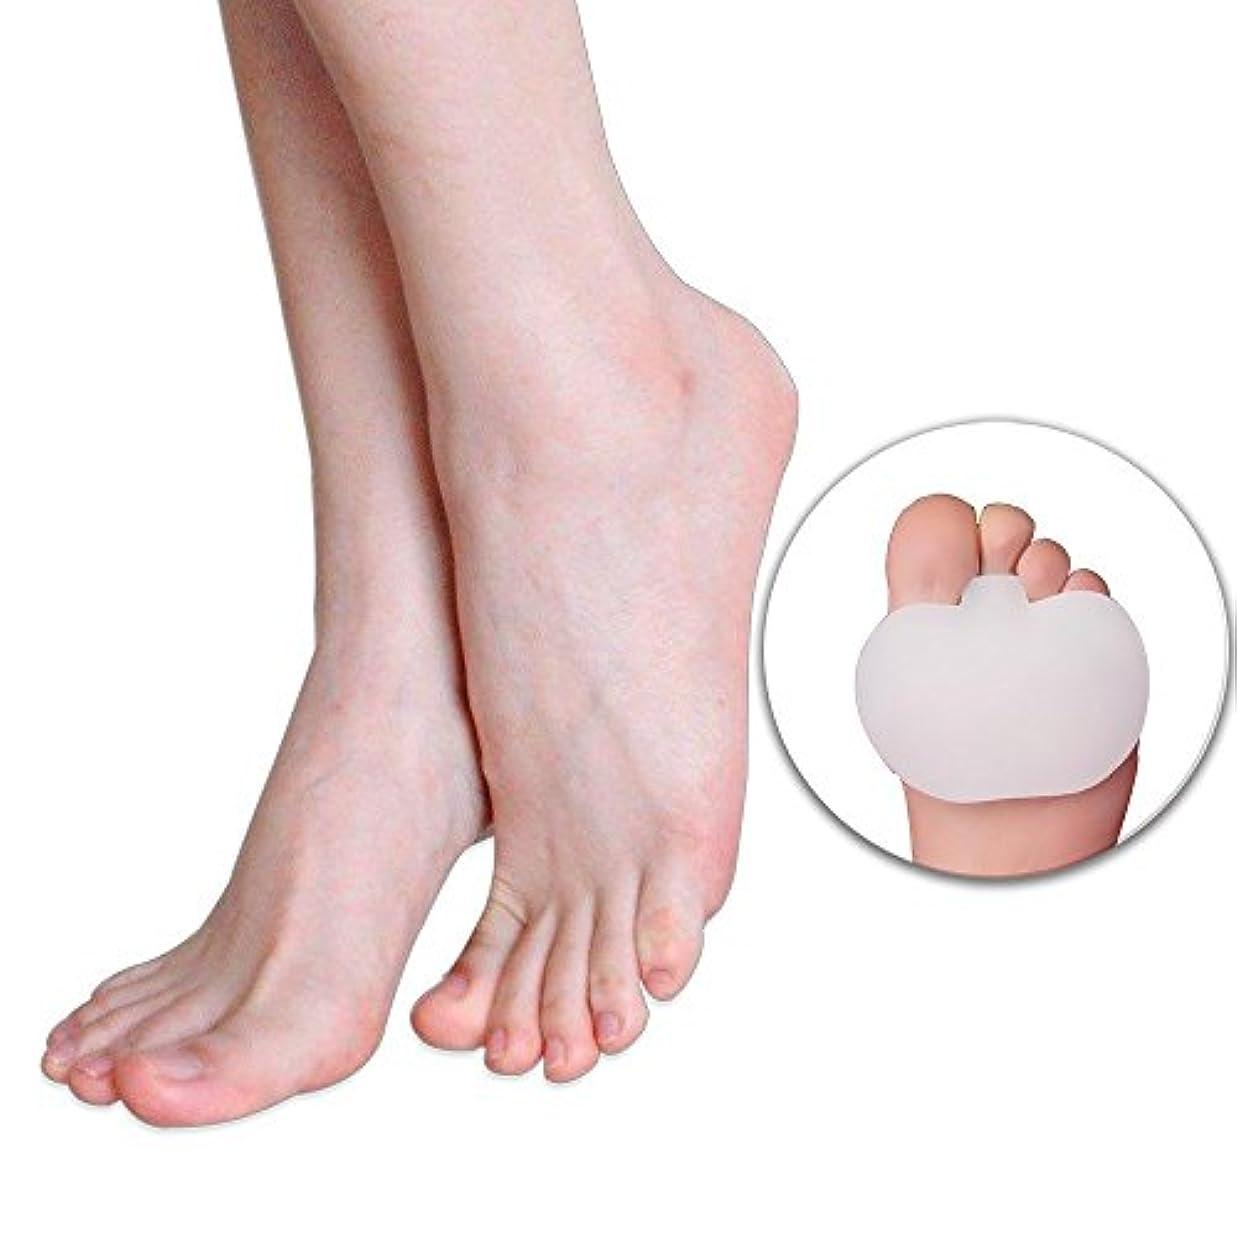 船時折十年フットマッサージ 前足パット足のケア、ゲルソックス、つま先、シリコン、外反母趾矯正、ゲル中足骨パッド、足クッションのボール、前足のケア、痛みの足の痛み、外反、外反母趾